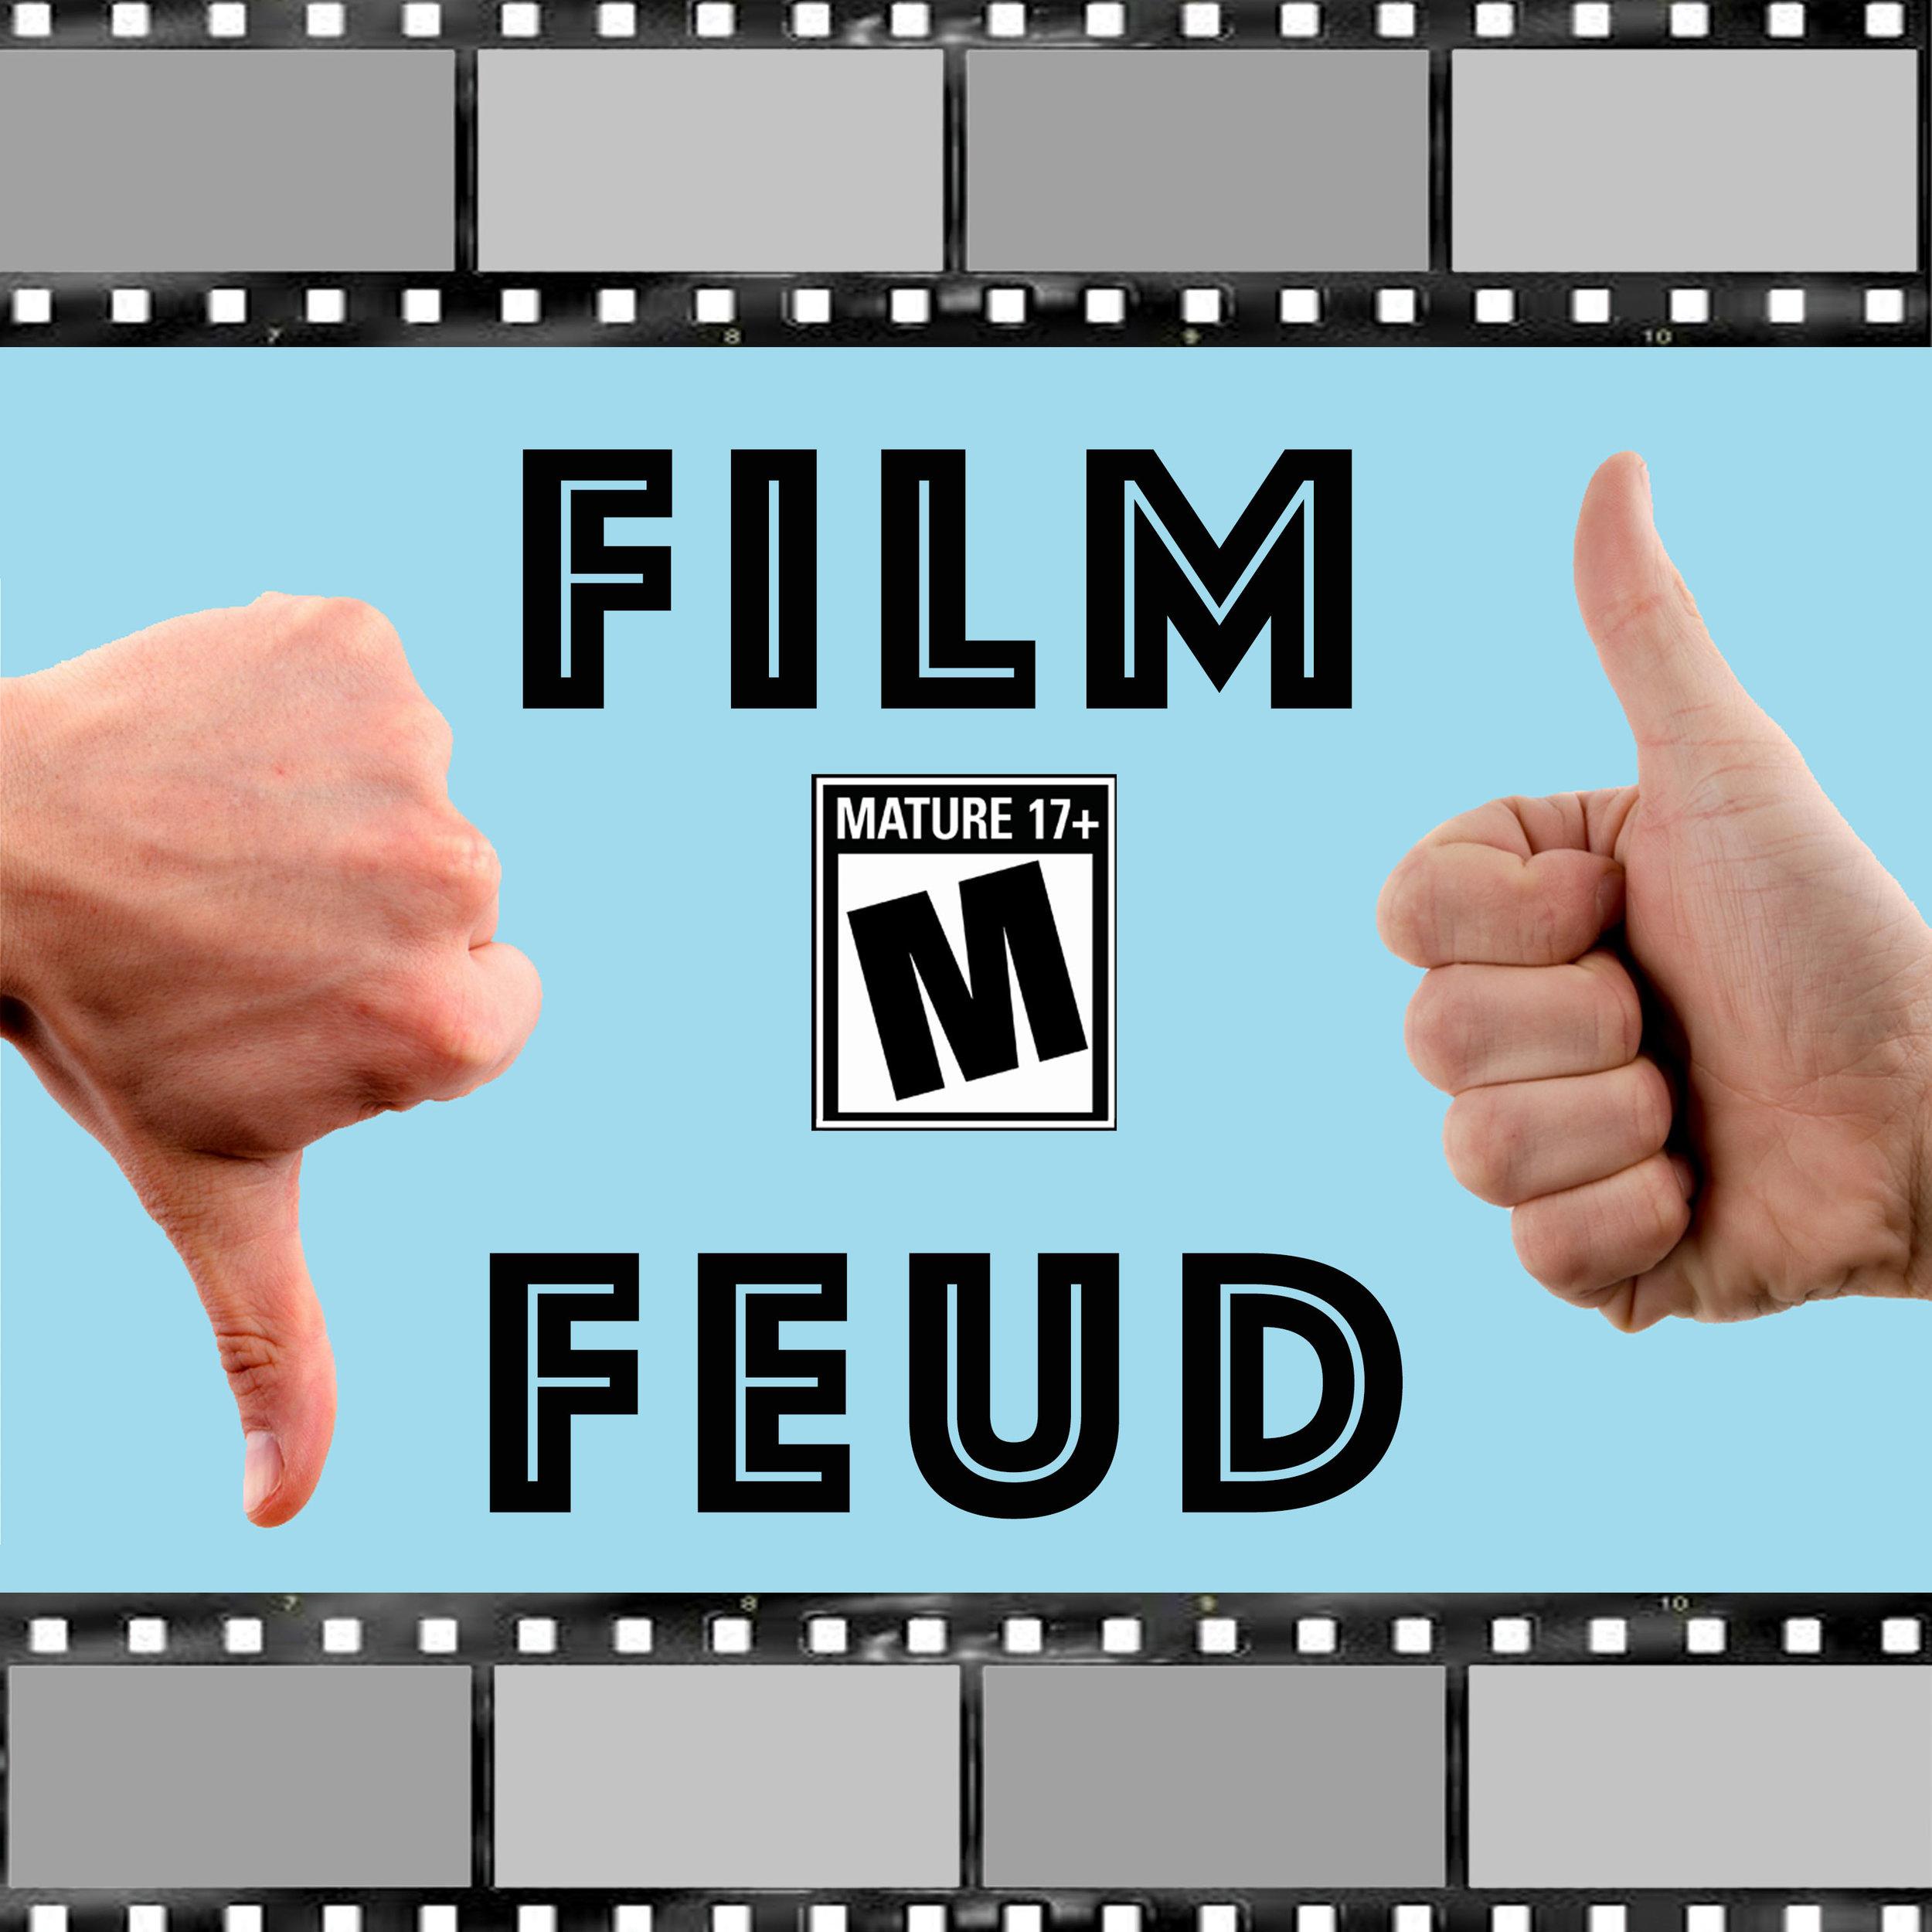 Film Feud